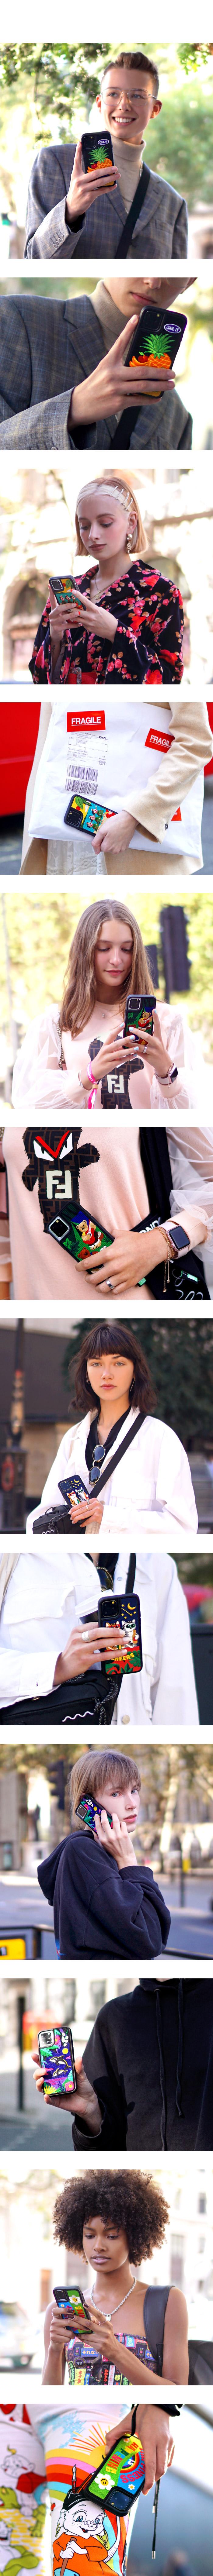 위글위글(WIGGLE WIGGLE) Embroidery Case 아이폰 자수케이스 시즌3